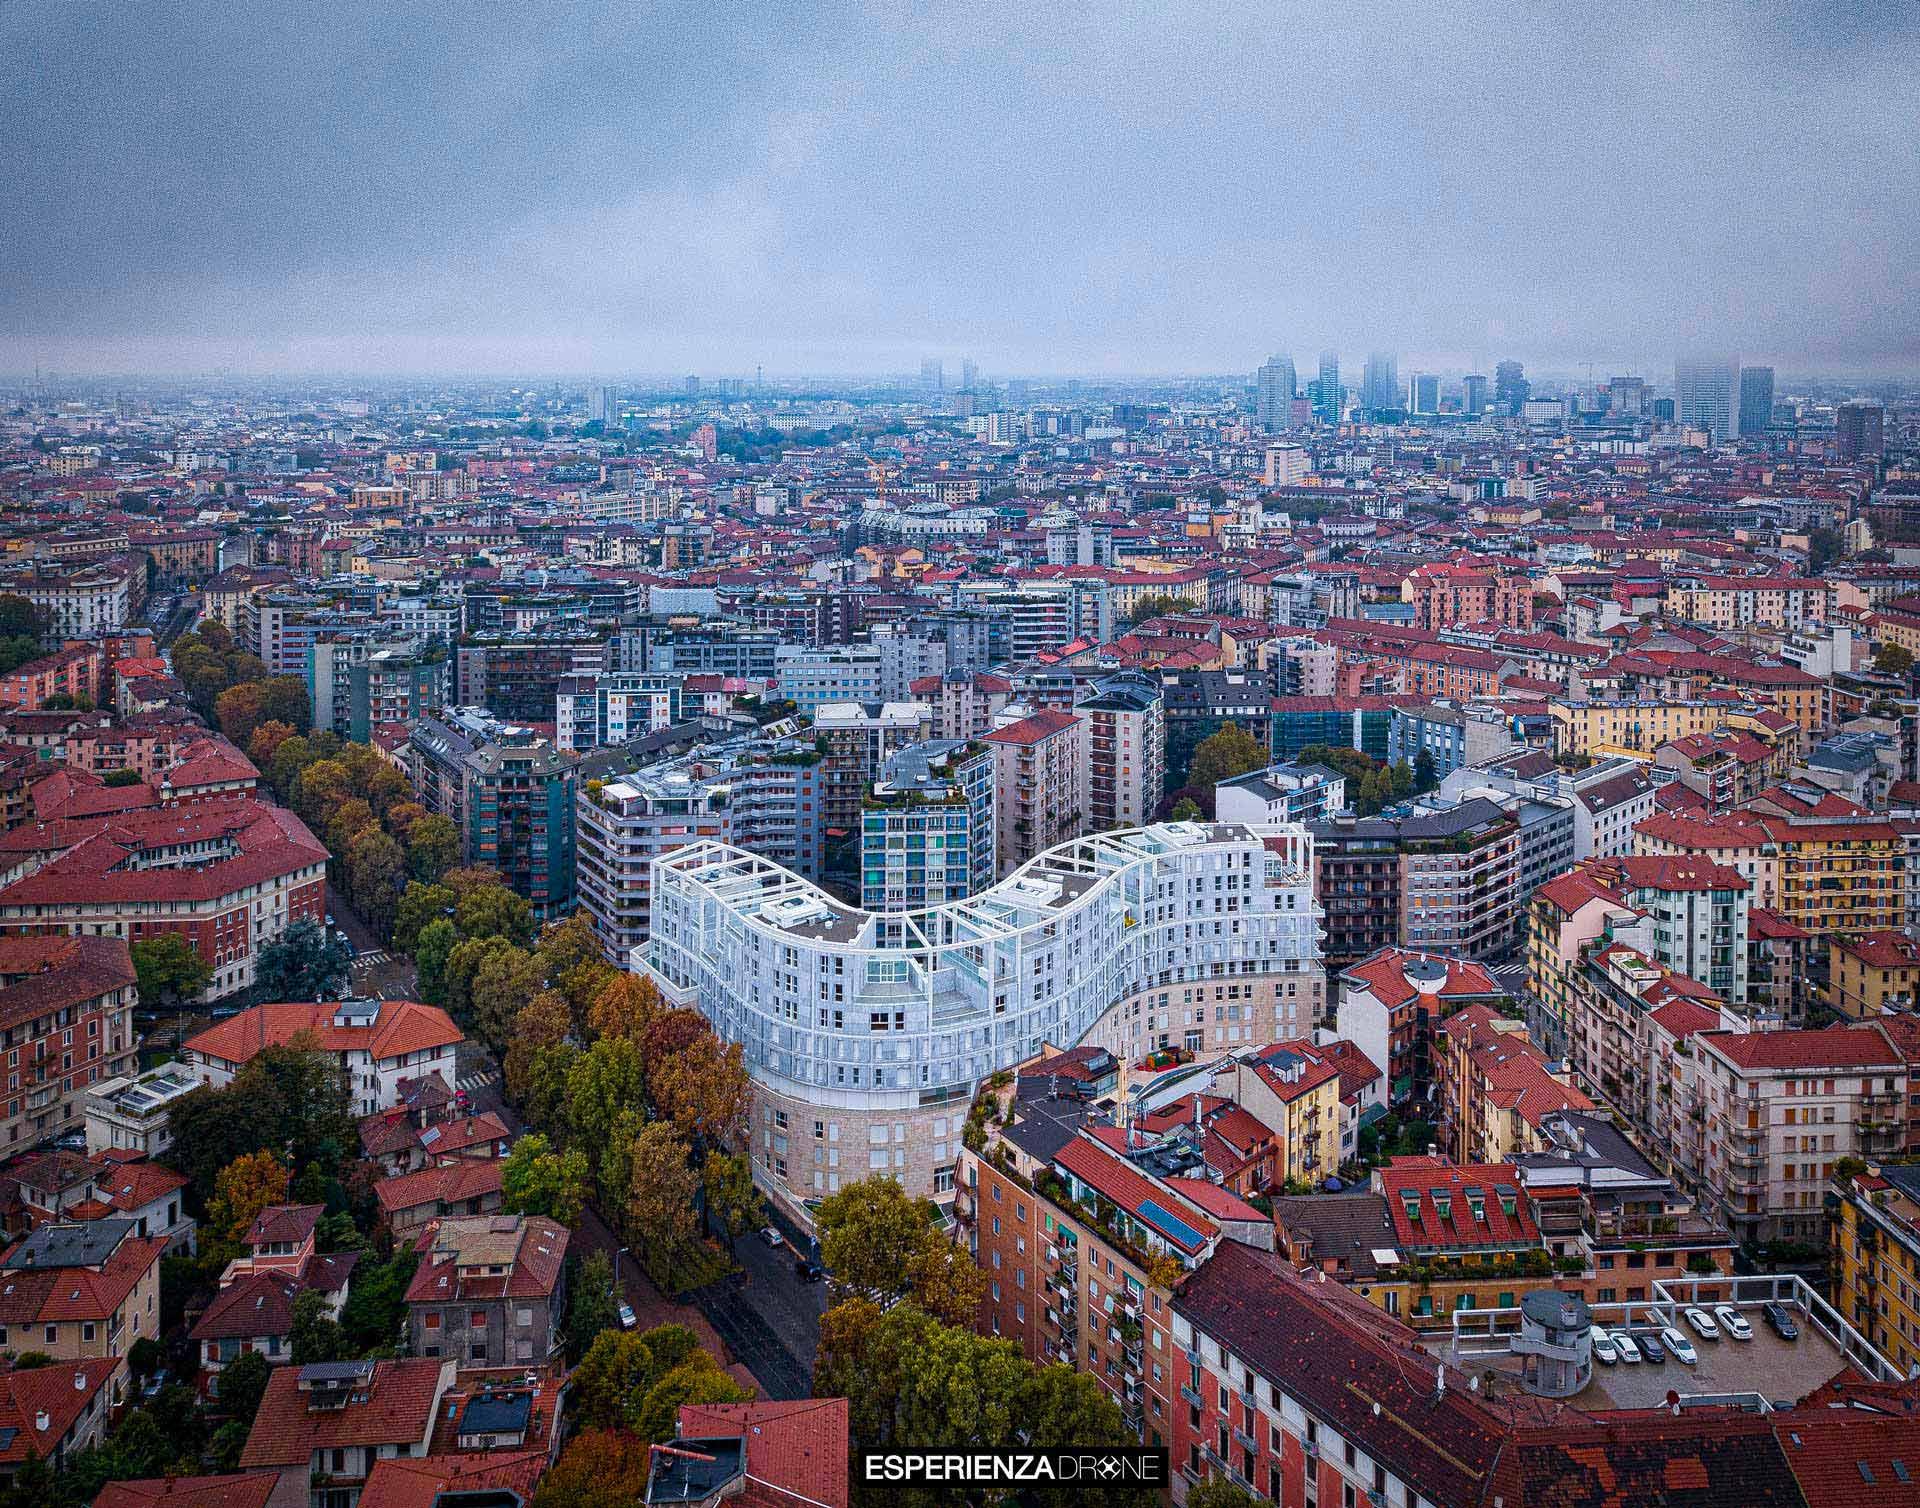 esperienza drone immagine portfolio architettura aerea zenitale diurna milano residenze carlo erba sei 3.jpg